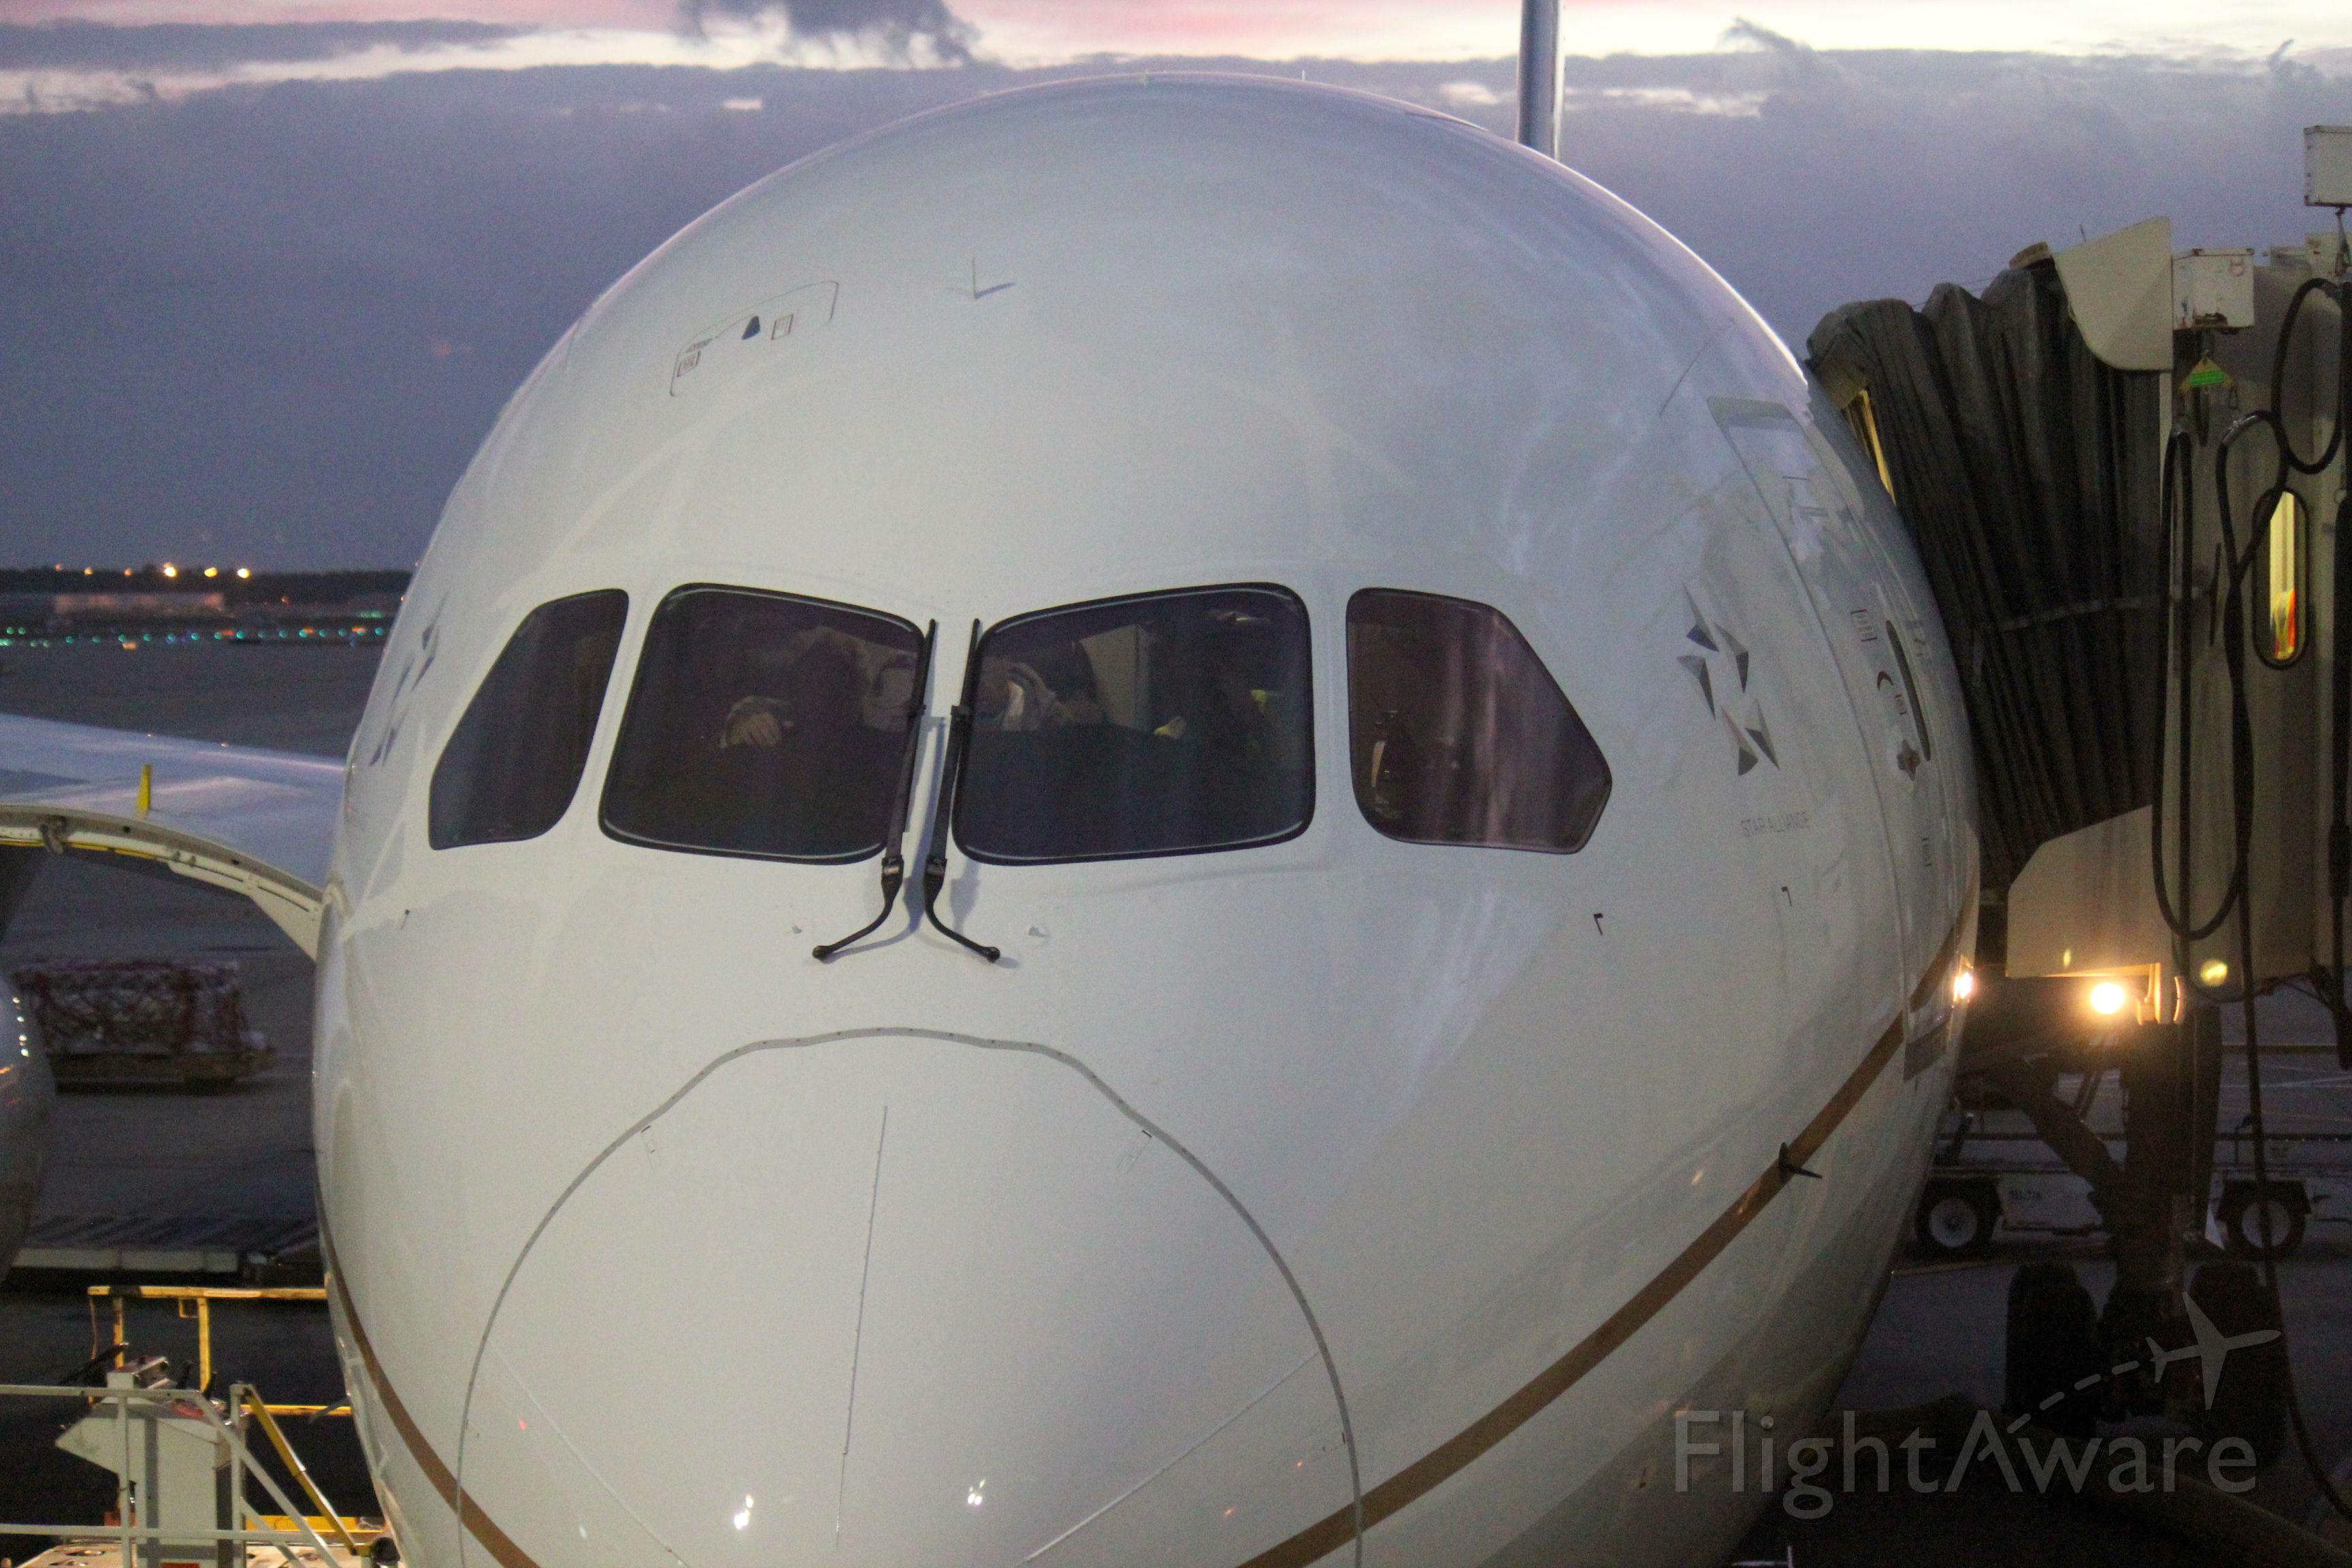 Boeing Dreamliner (Srs.8) (N26906) - Boarding gate E18 for IAH-EWR Nov 11, 2012